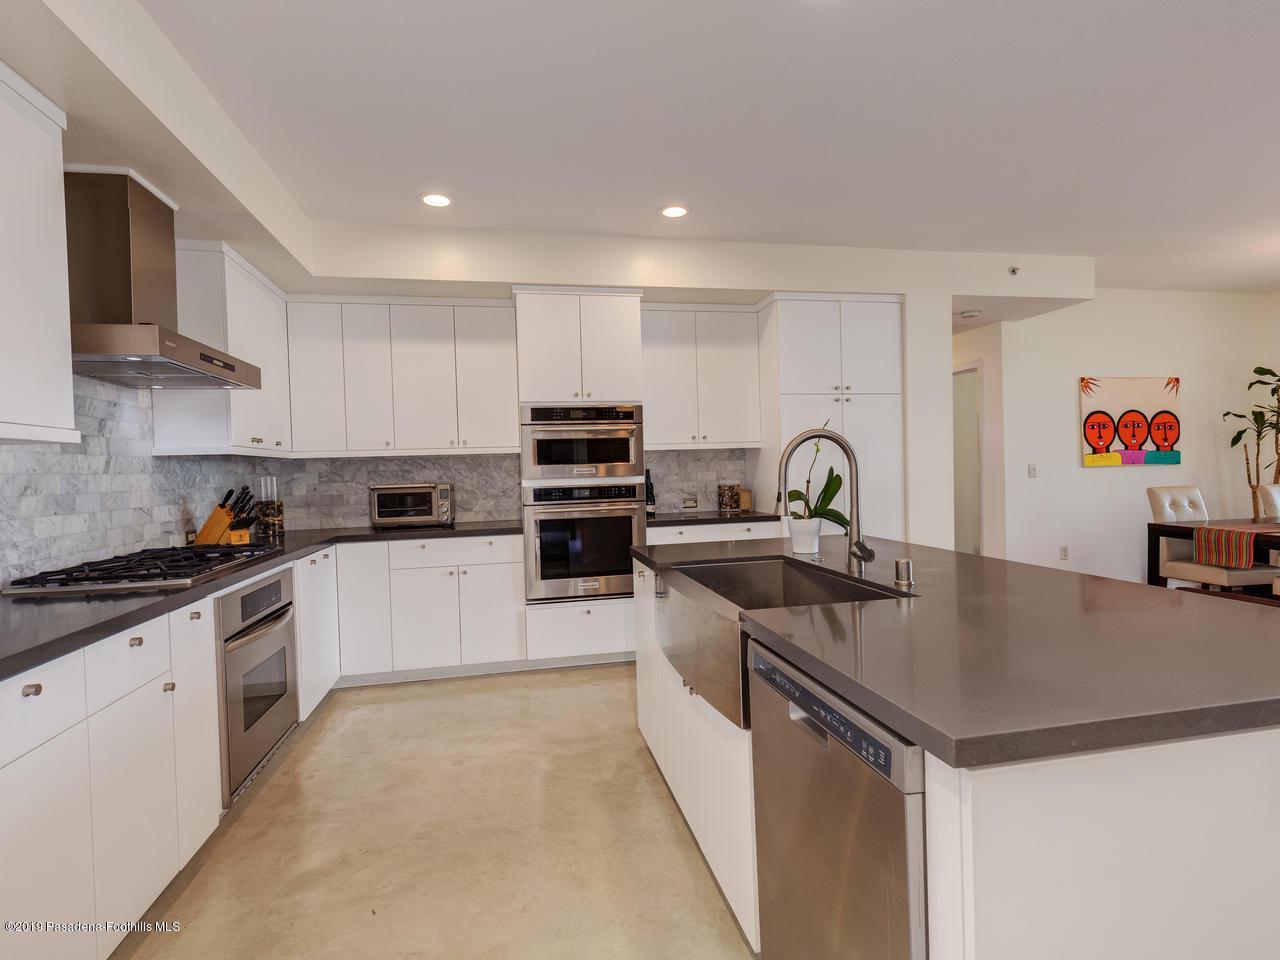 111 DE LACEY, Pasadena, CA 91105 - Kitchen